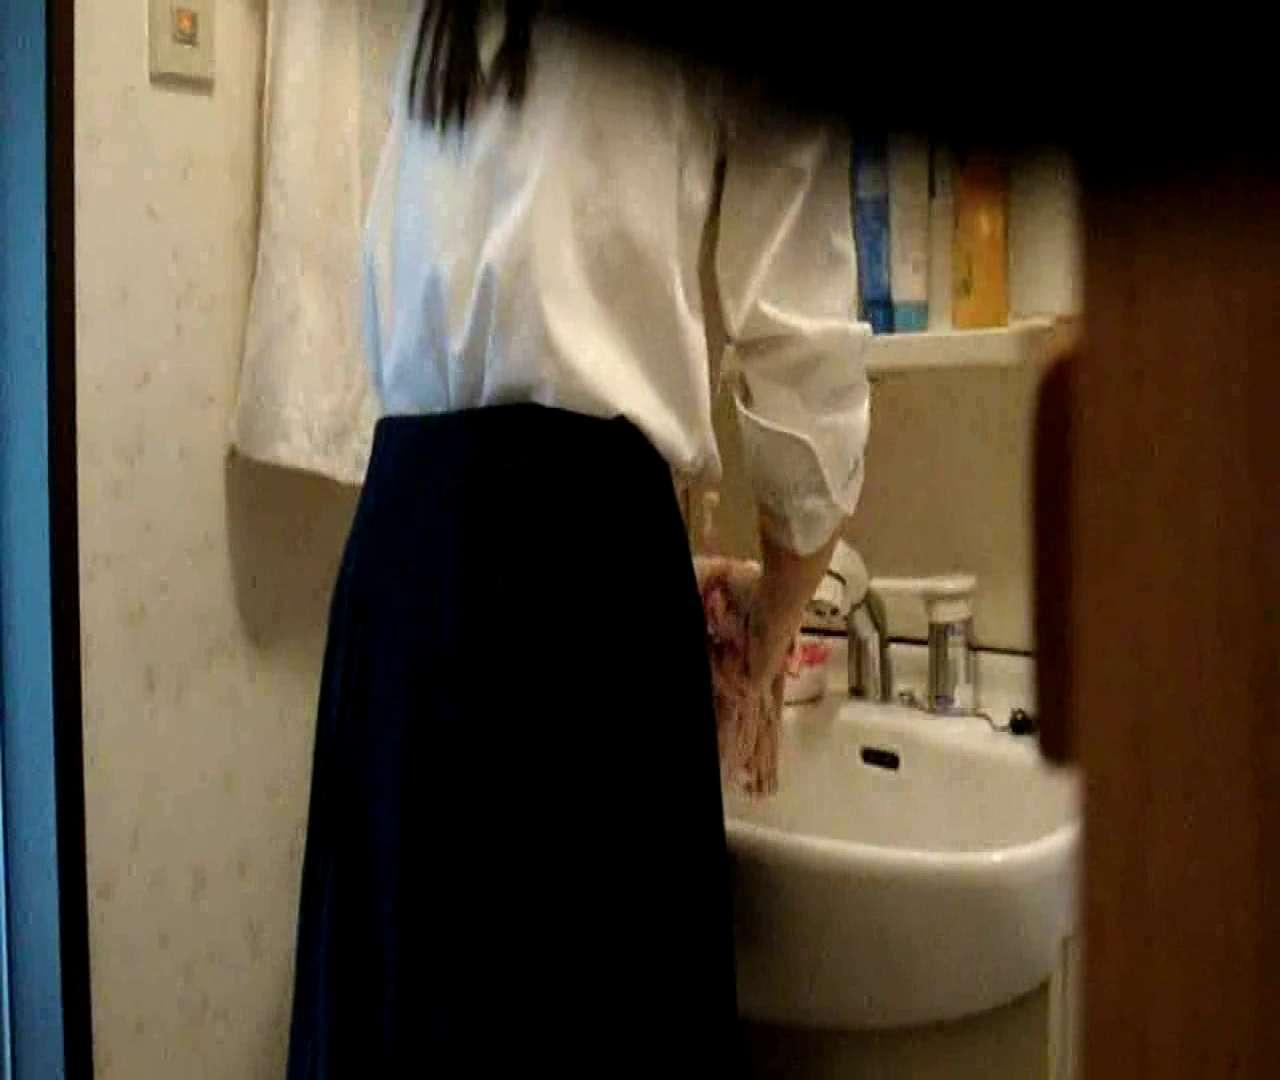 二人とも育てた甲斐がありました… vol.05 まどかが洗顔後にブラを洗濯 HなOL | 0  98pic 16